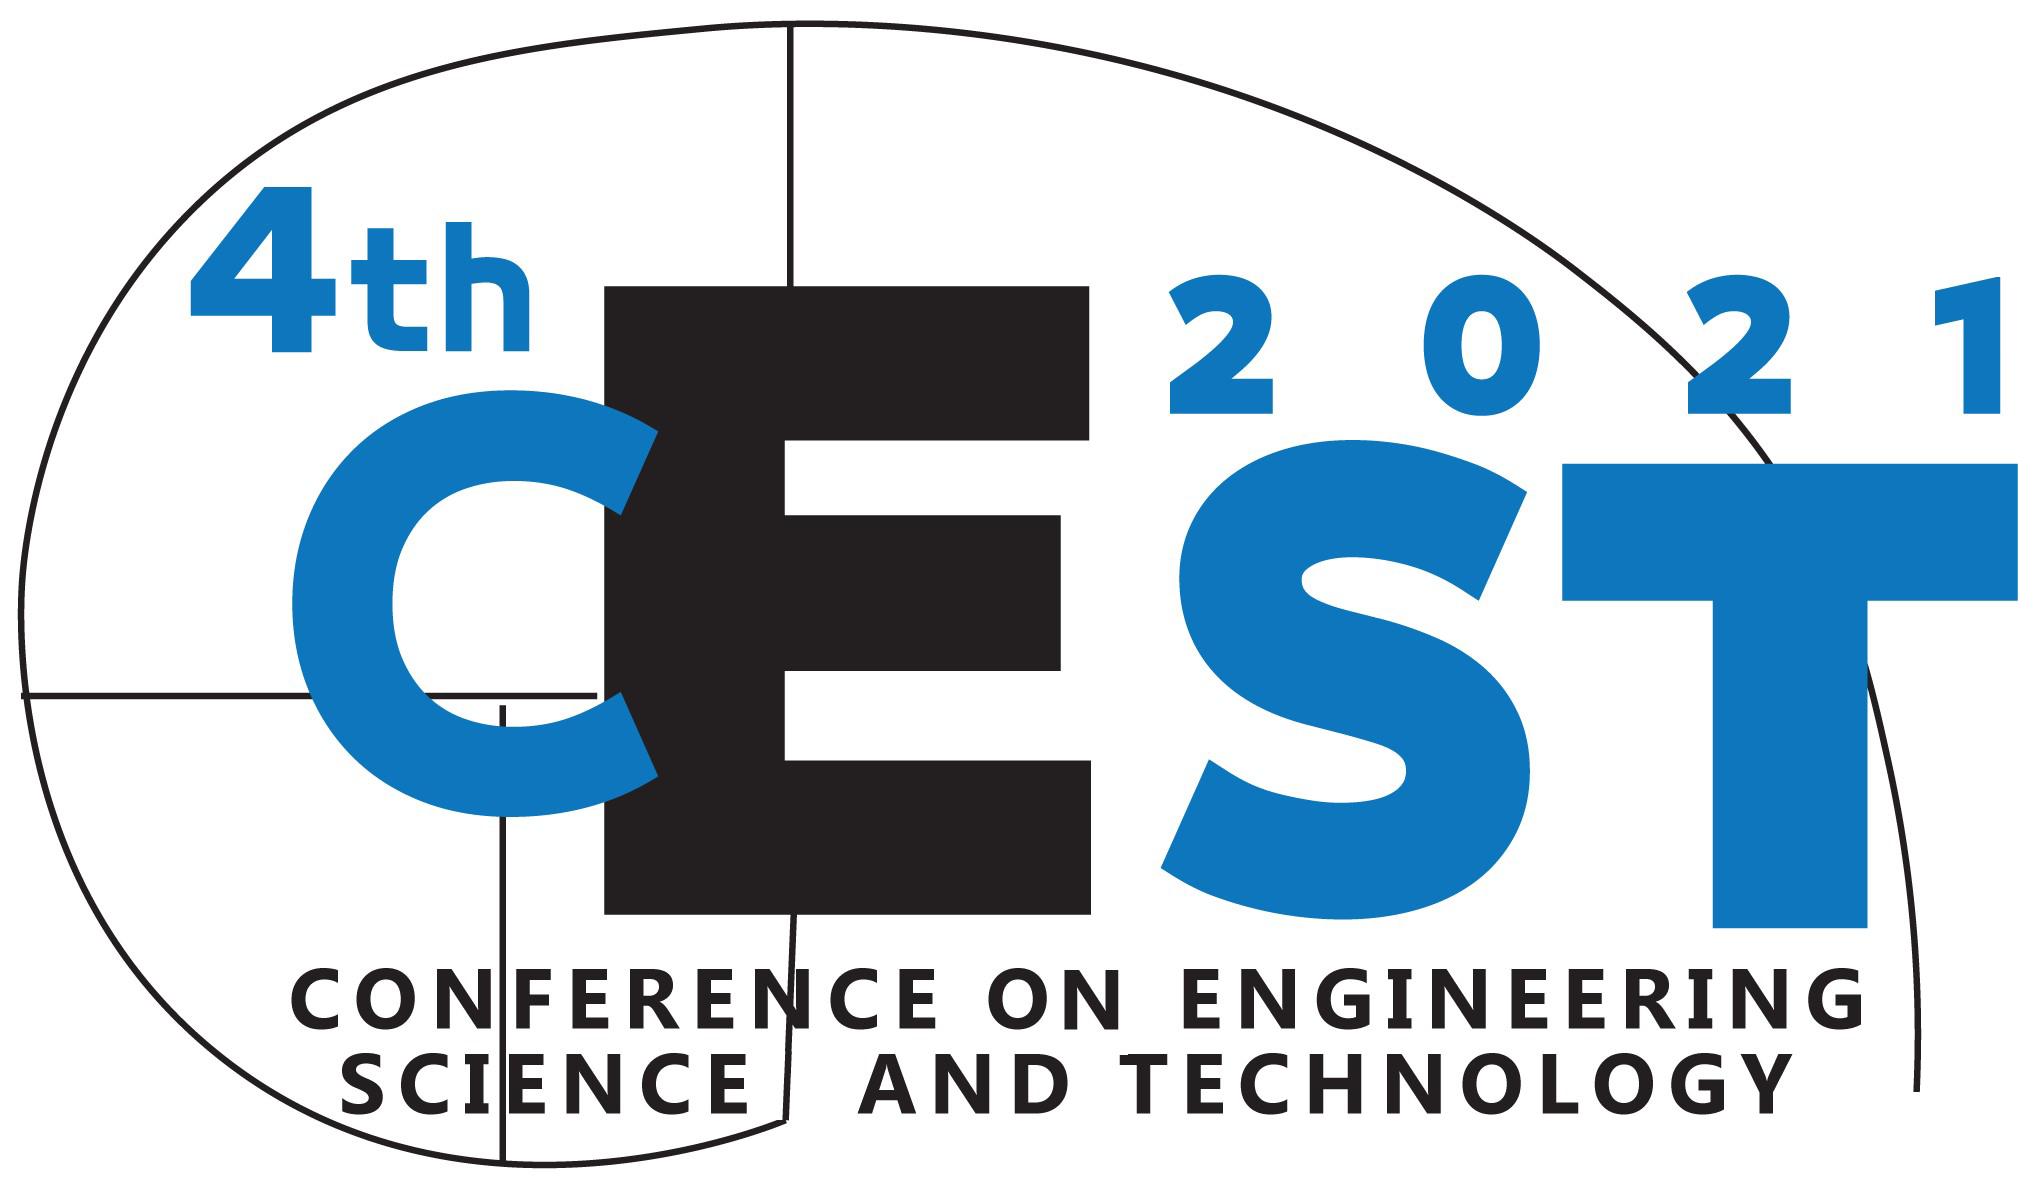 المؤتمر الرابع للعلوم الهندسية والتقنيةCEST2021